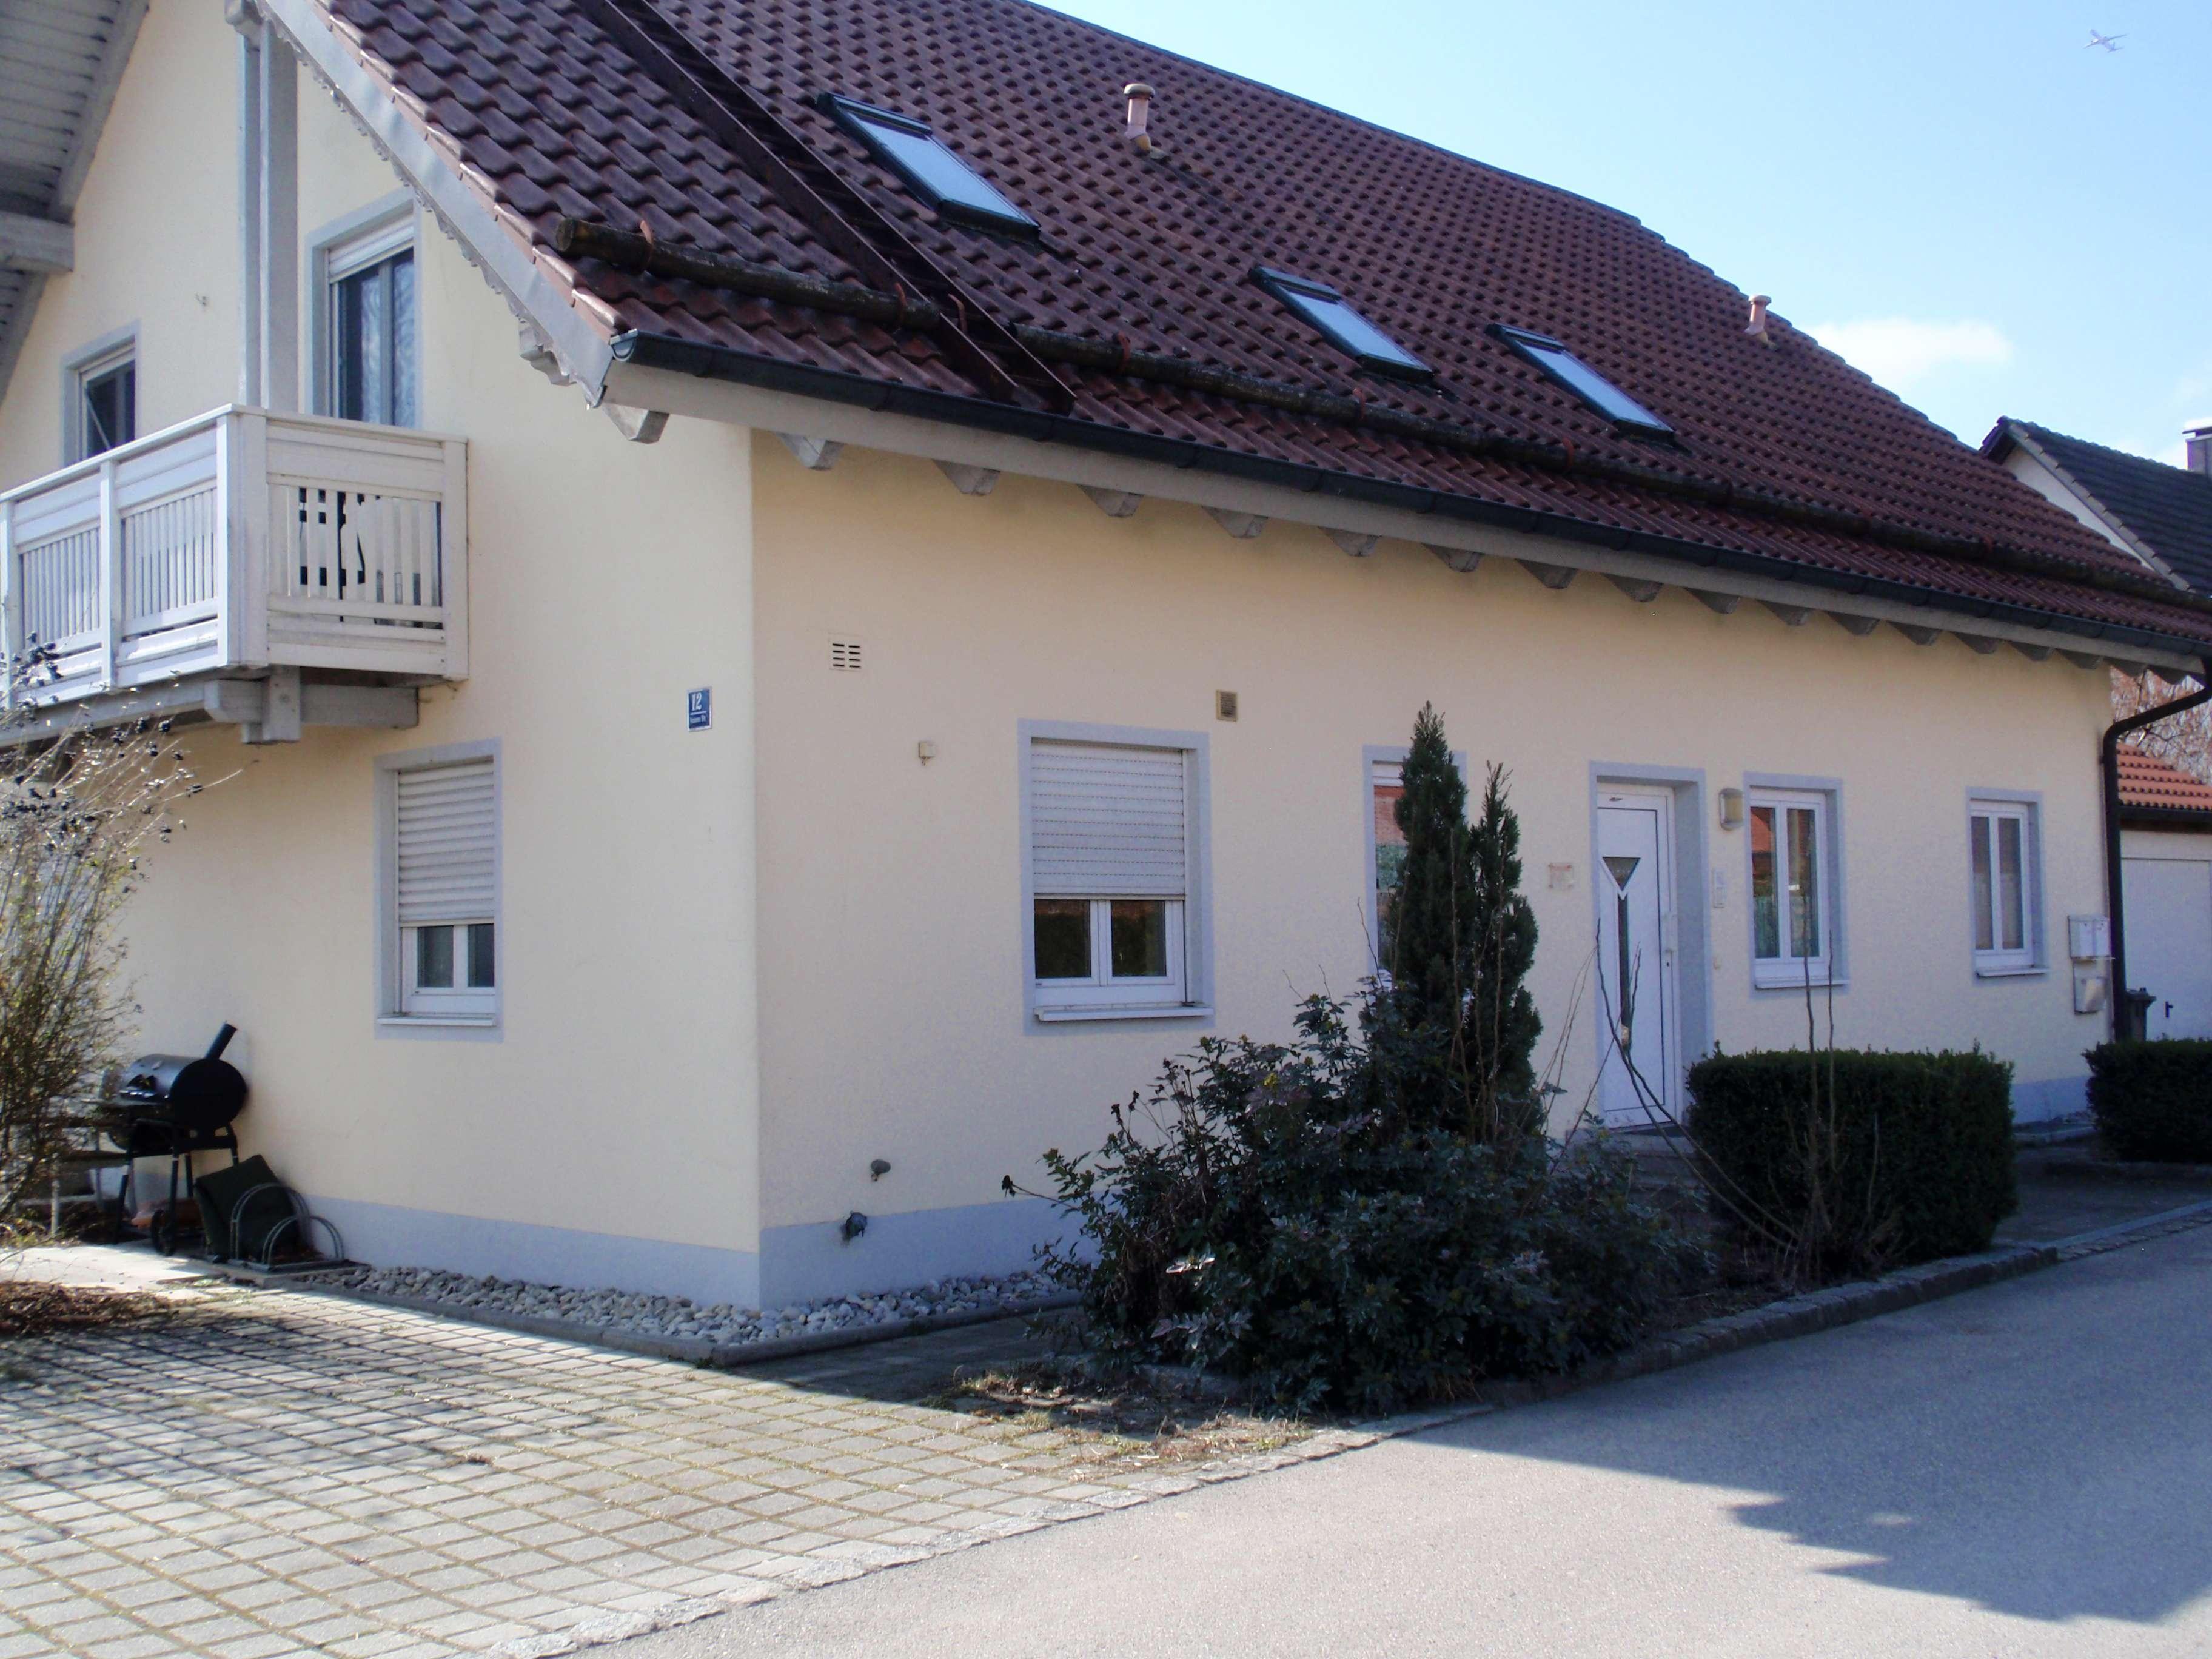 Schöne drei Zimmer Wohnung in Erding (Kreis), Eitting